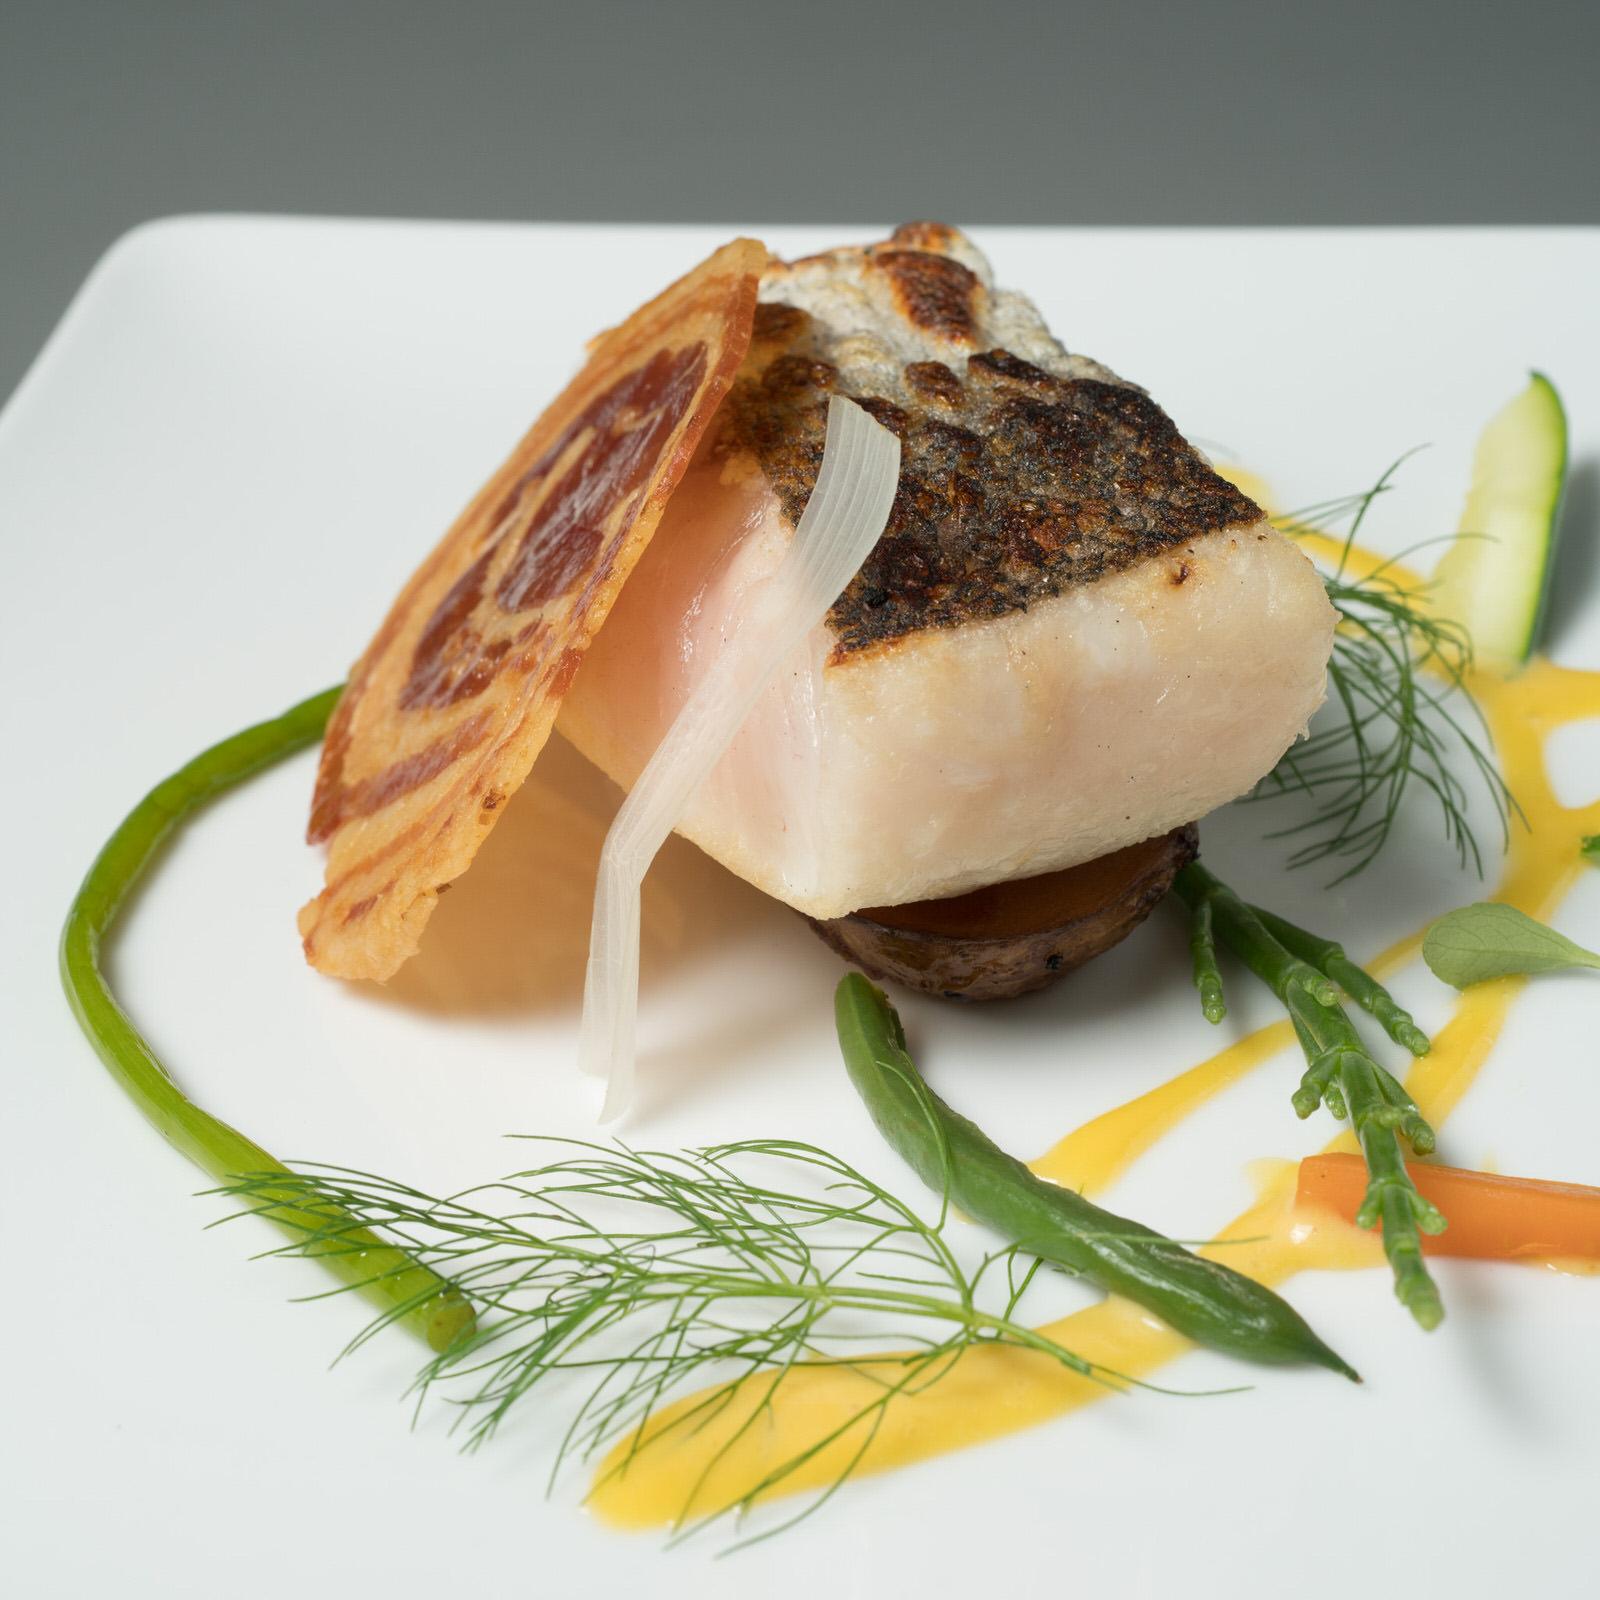 Menu - restaurant - photo culinaire - Photographe culinaire - photo de plat - Photographie culinaire - Bordeaux - Thierry Pousset - photographe professionnel